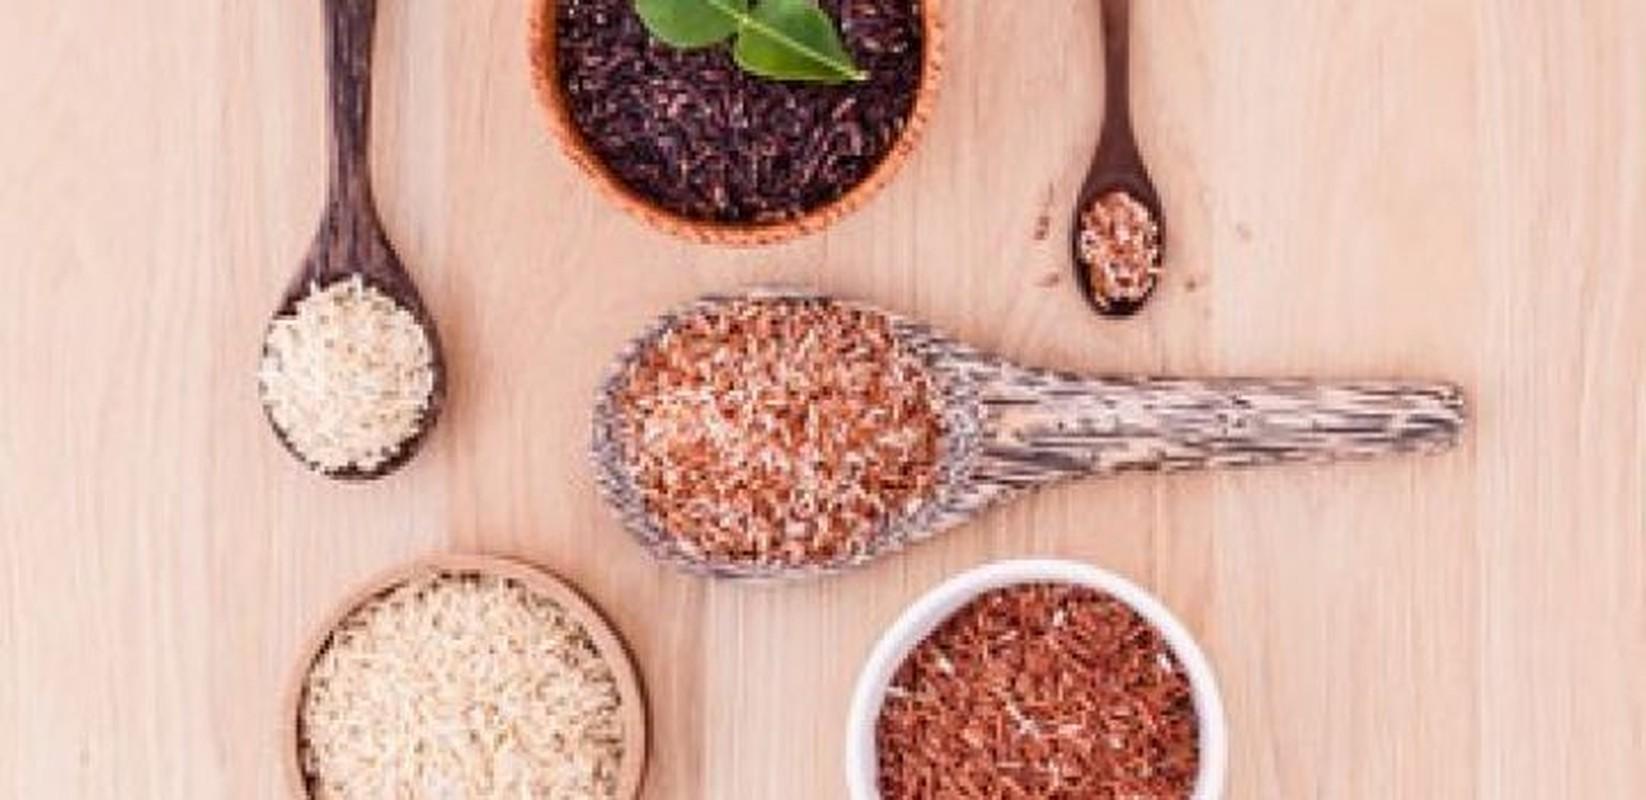 Loại gạo nào nhièu giá trị dinh duõng nhát?